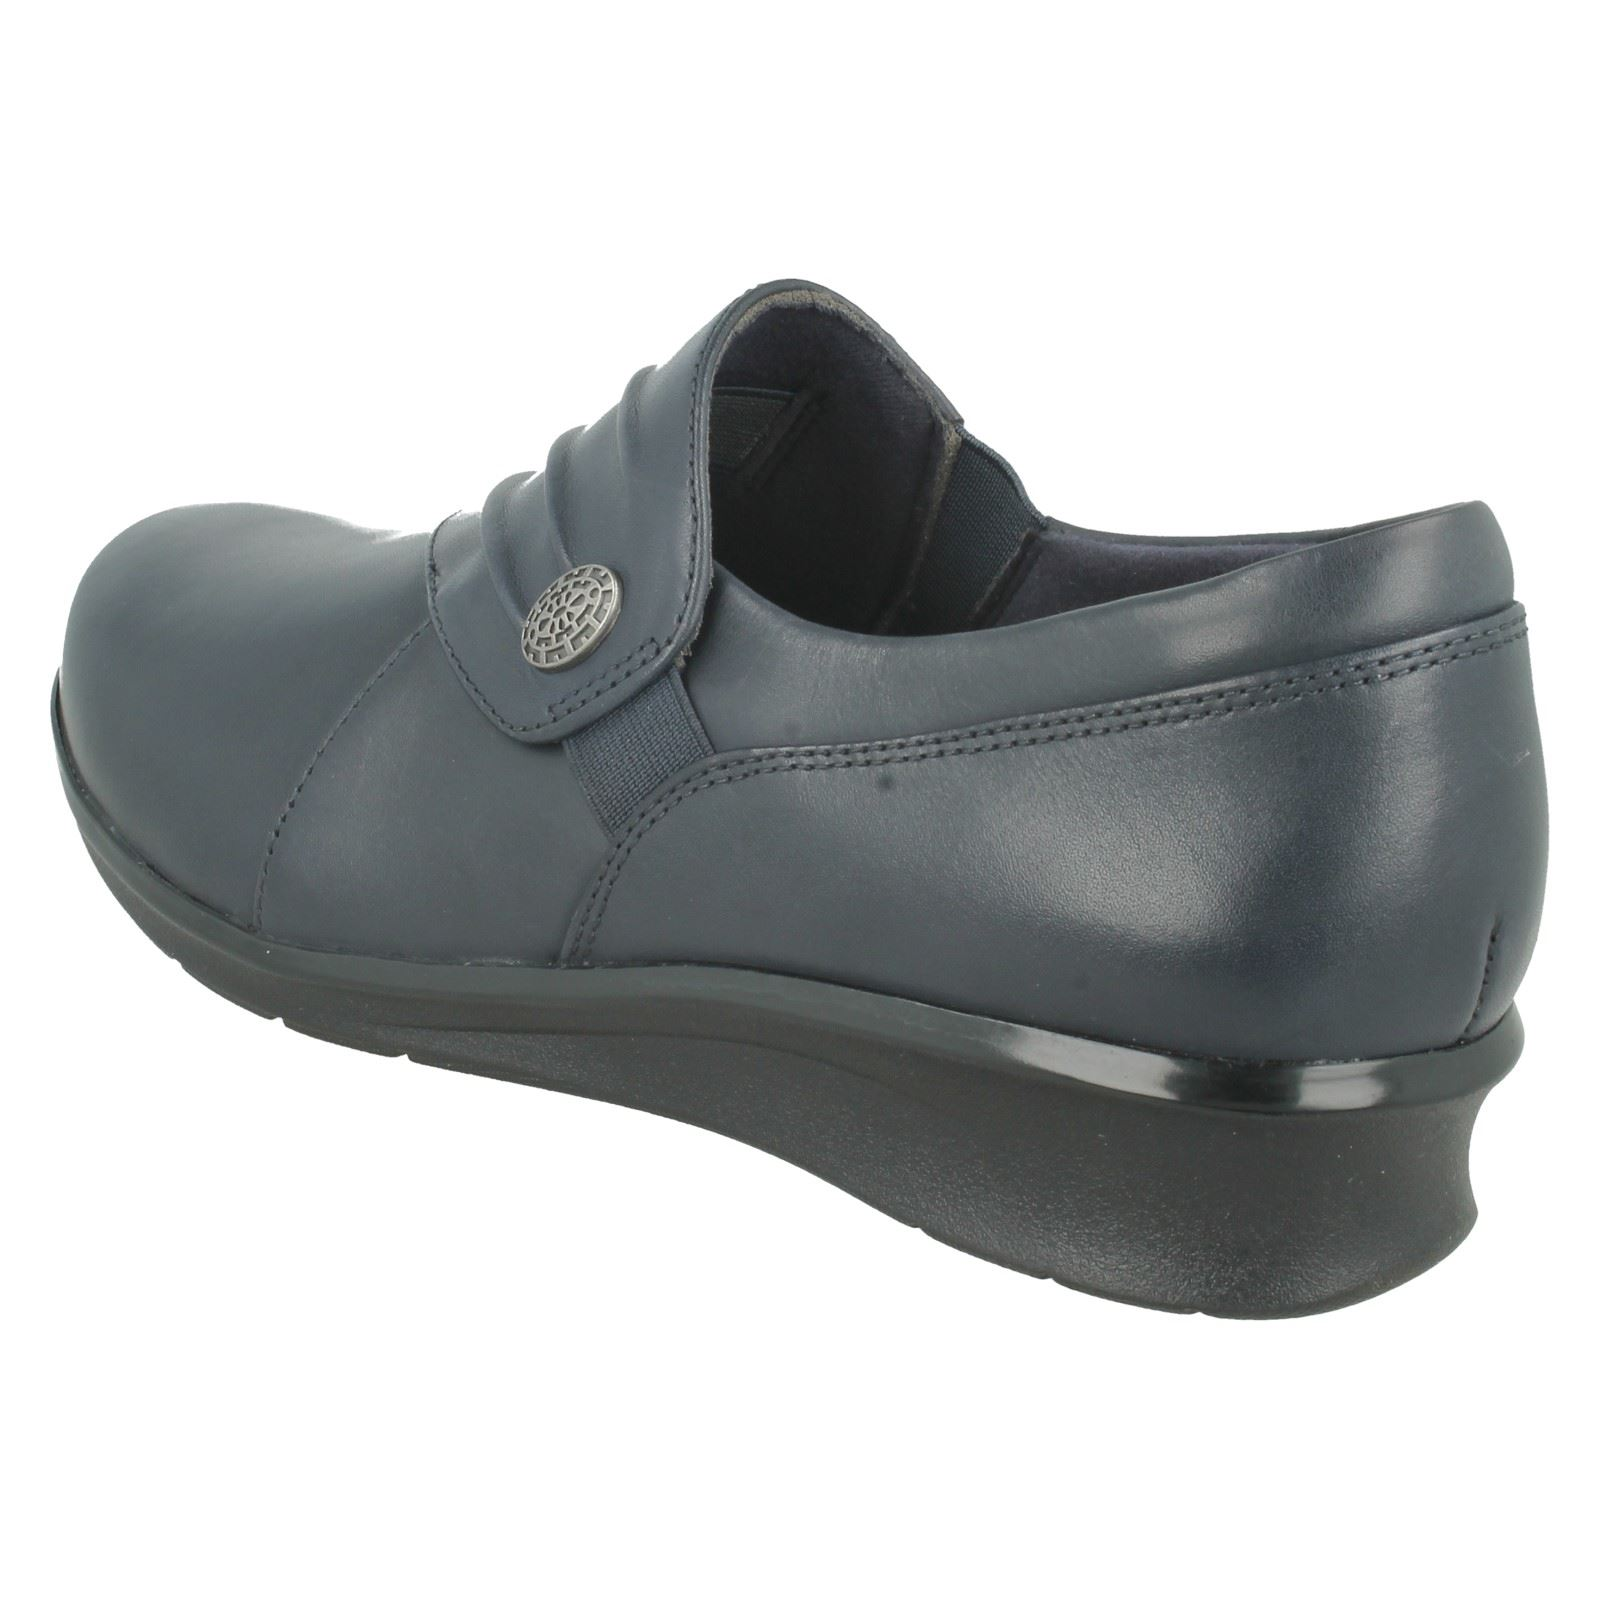 Gran descuento Descuento por tiempo limitado Ladies Clarks Casual Slip On Leather Casual Clarks Shoes Hope Roxanne a4576f